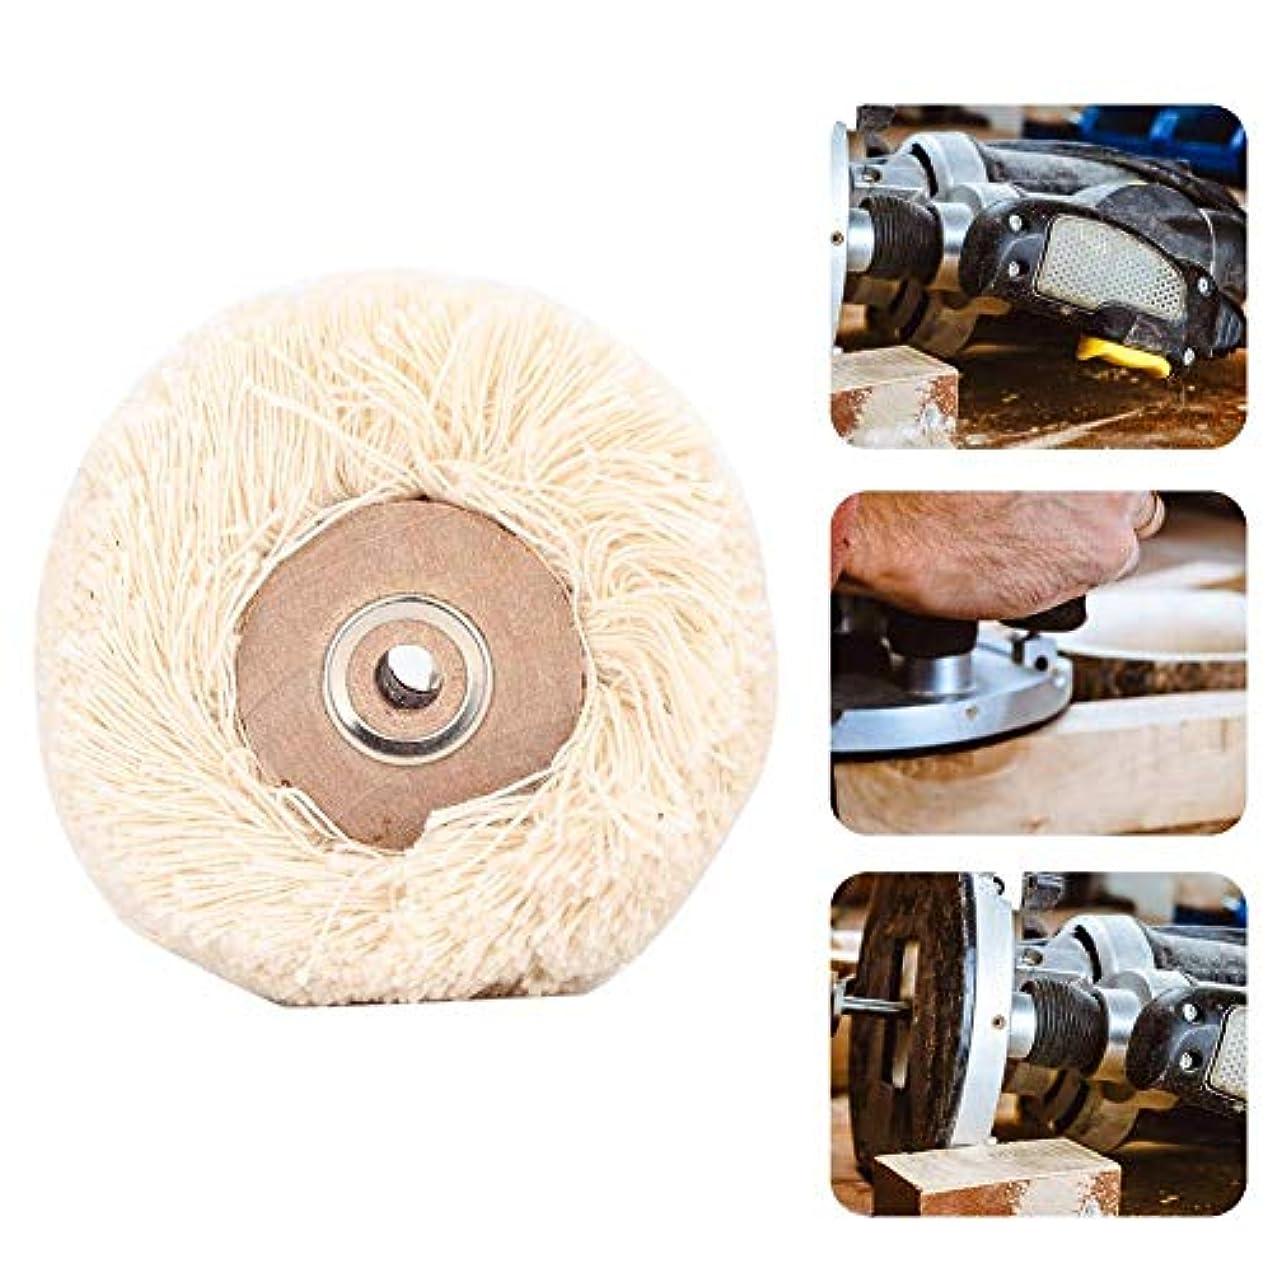 新聞スペイン国籍研磨ヘッド 回転工具 研磨ドリルグラインダーホイールブラシジュエリー研磨工具(M)